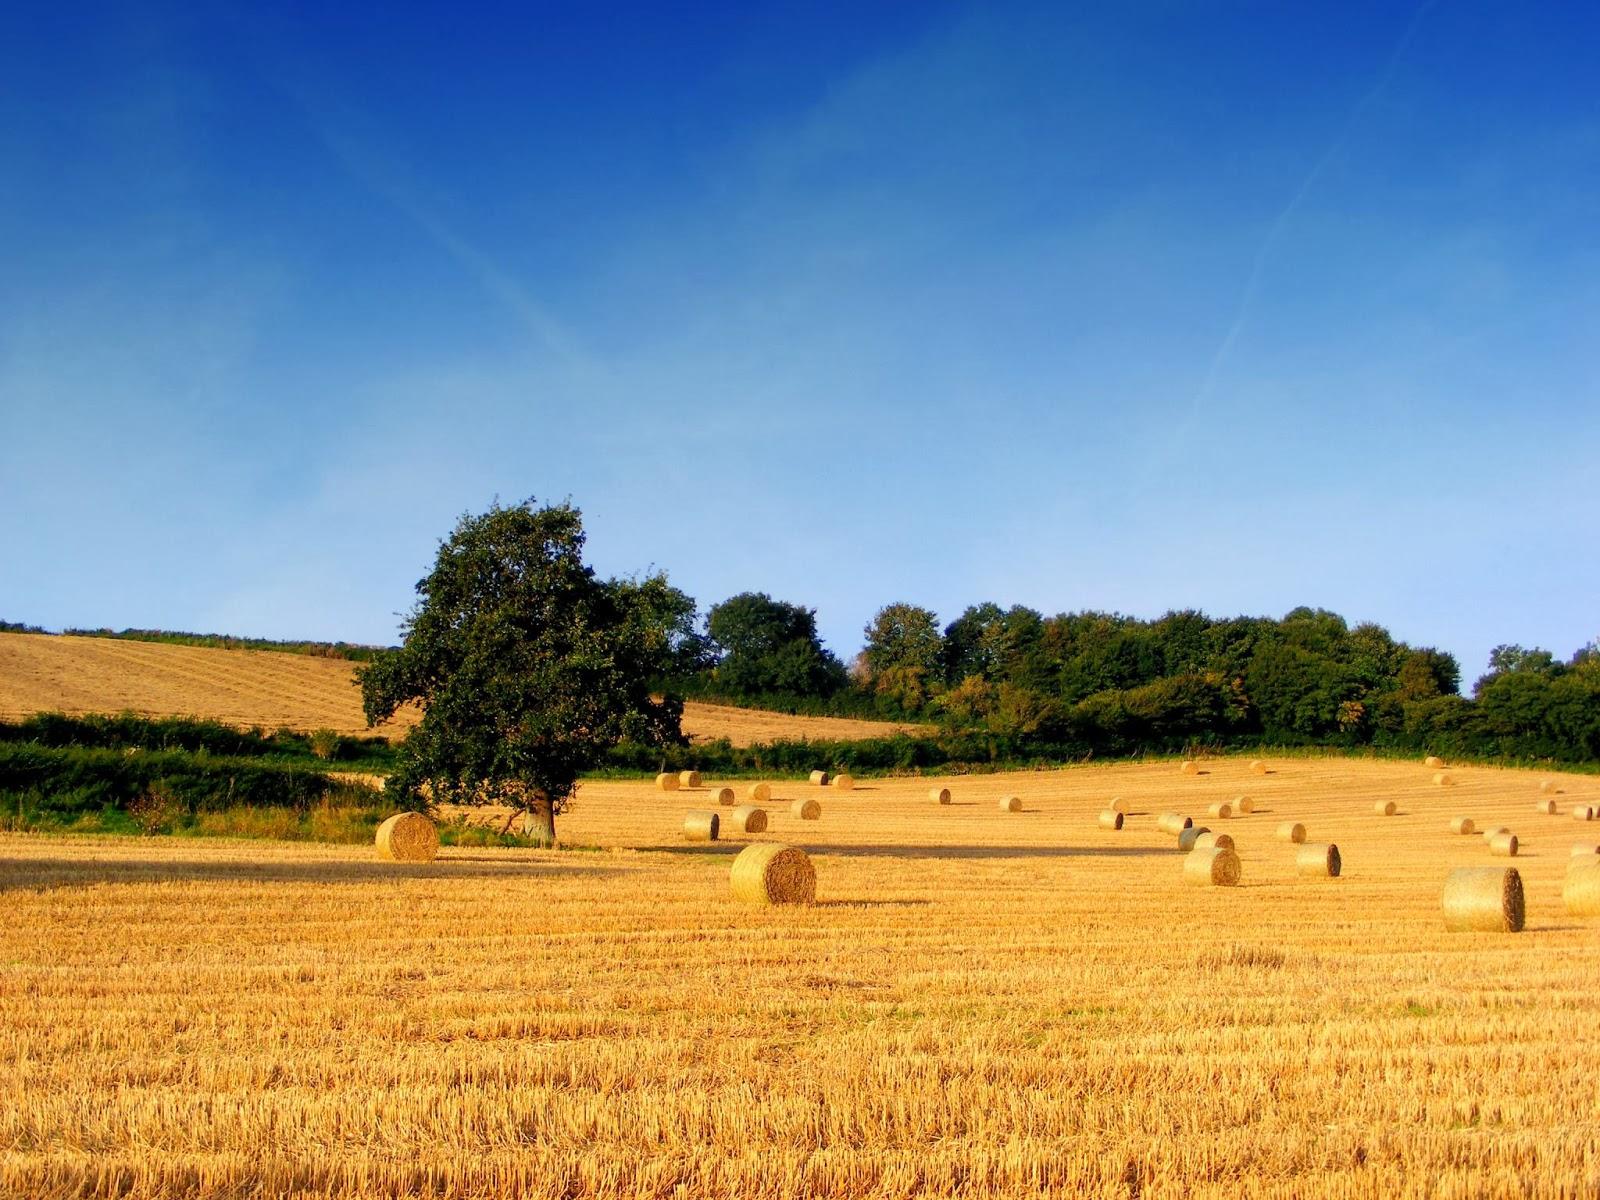 Il meraviglioso poema temporale del duca dei tempi for Piani di fattoria del granaio